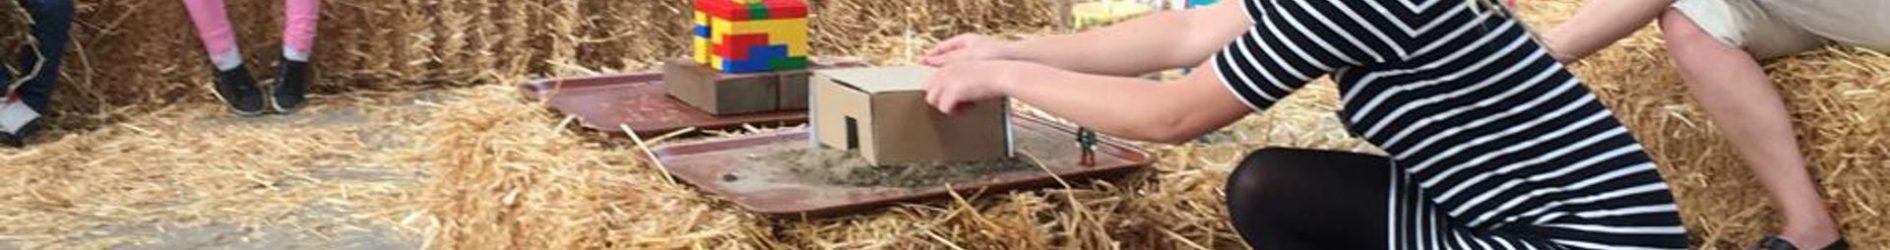 Kliederkerk over  bouwen op zand of op een rots